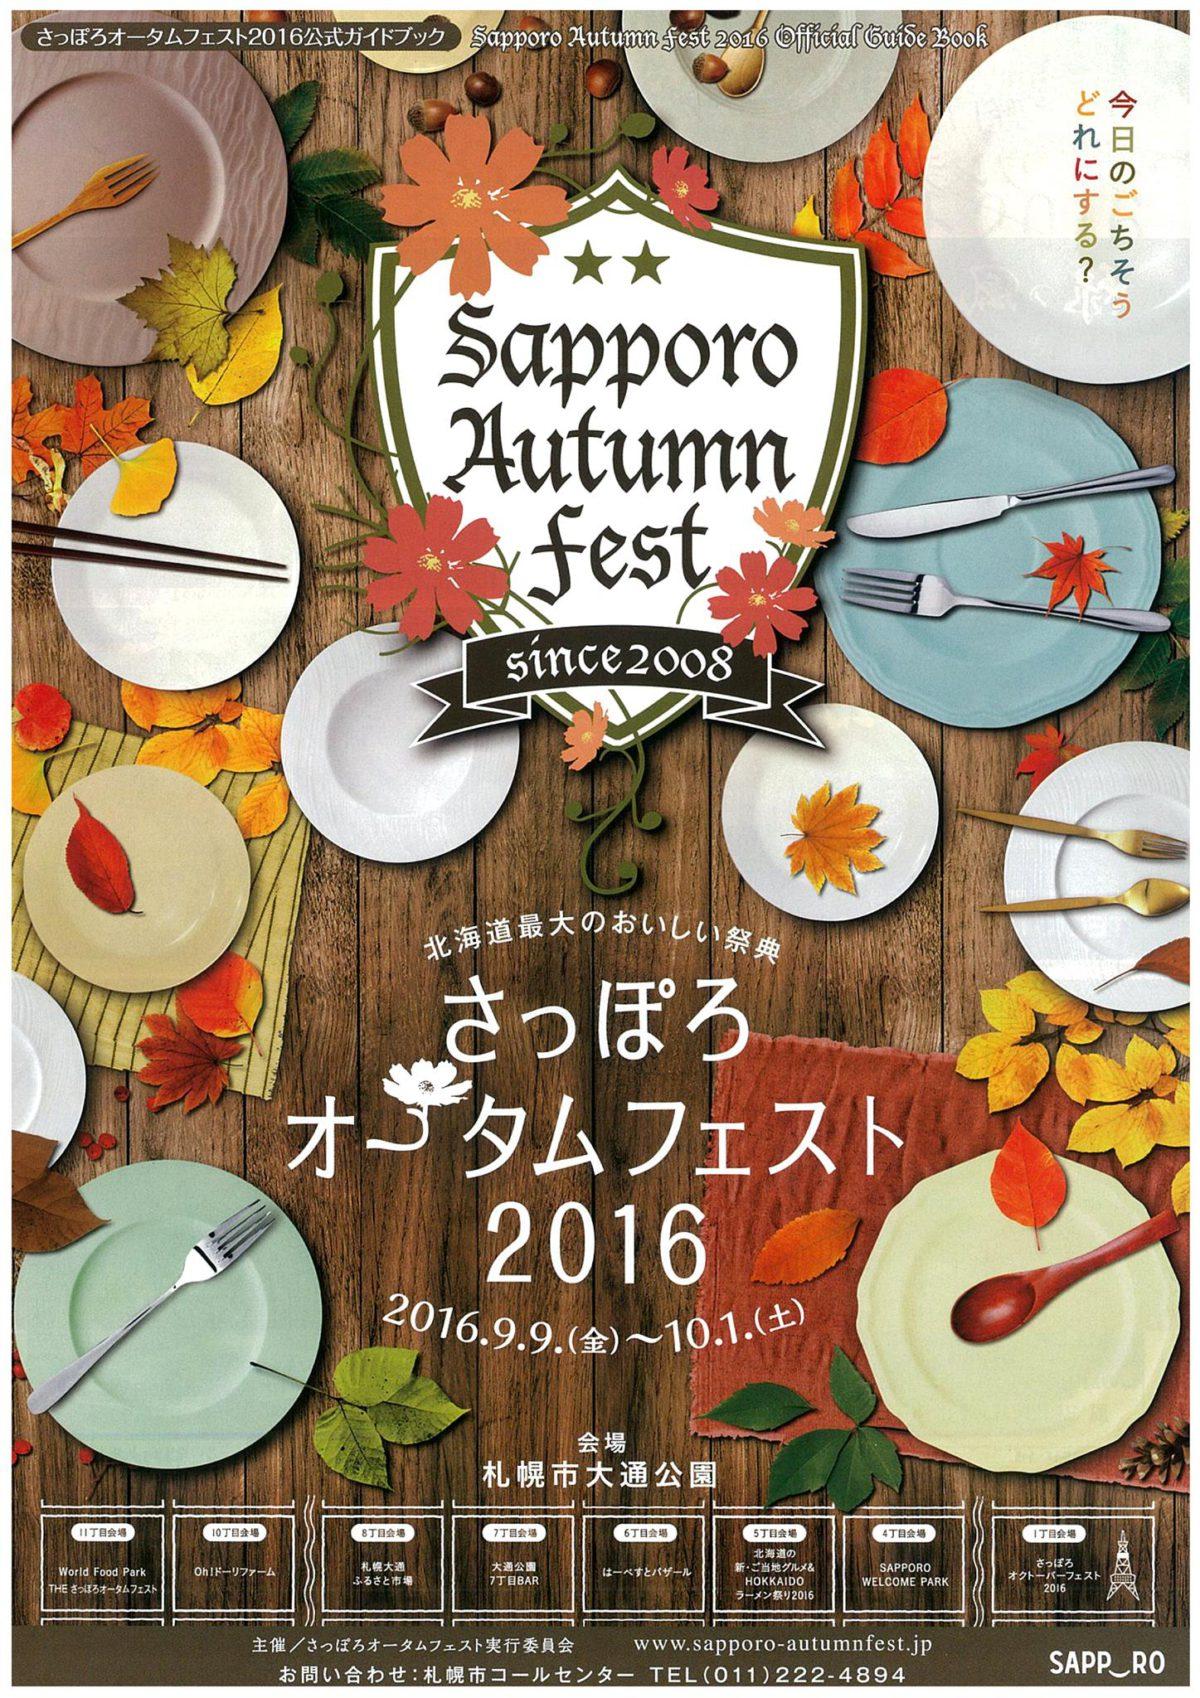 札幌オータムフェスト2016